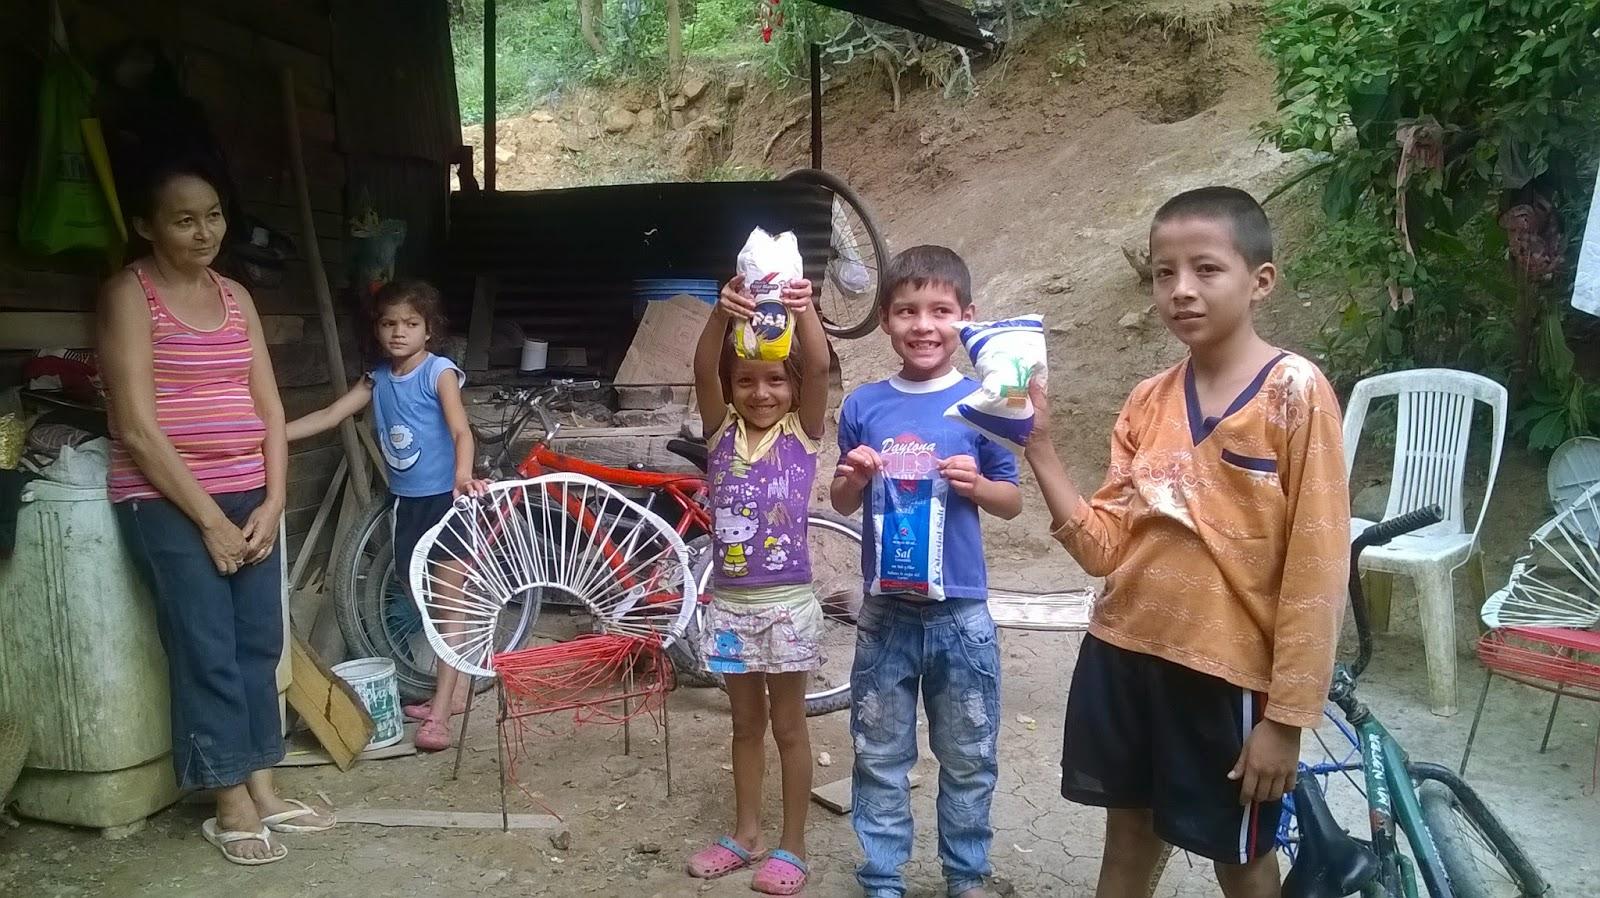 Video | Campaña dona alimentos: Félix Contreras entrega tres productos y verifica necesidades de Nelly Casanova Cárdenas y sus hijos en Los Olivos de Cúcuta